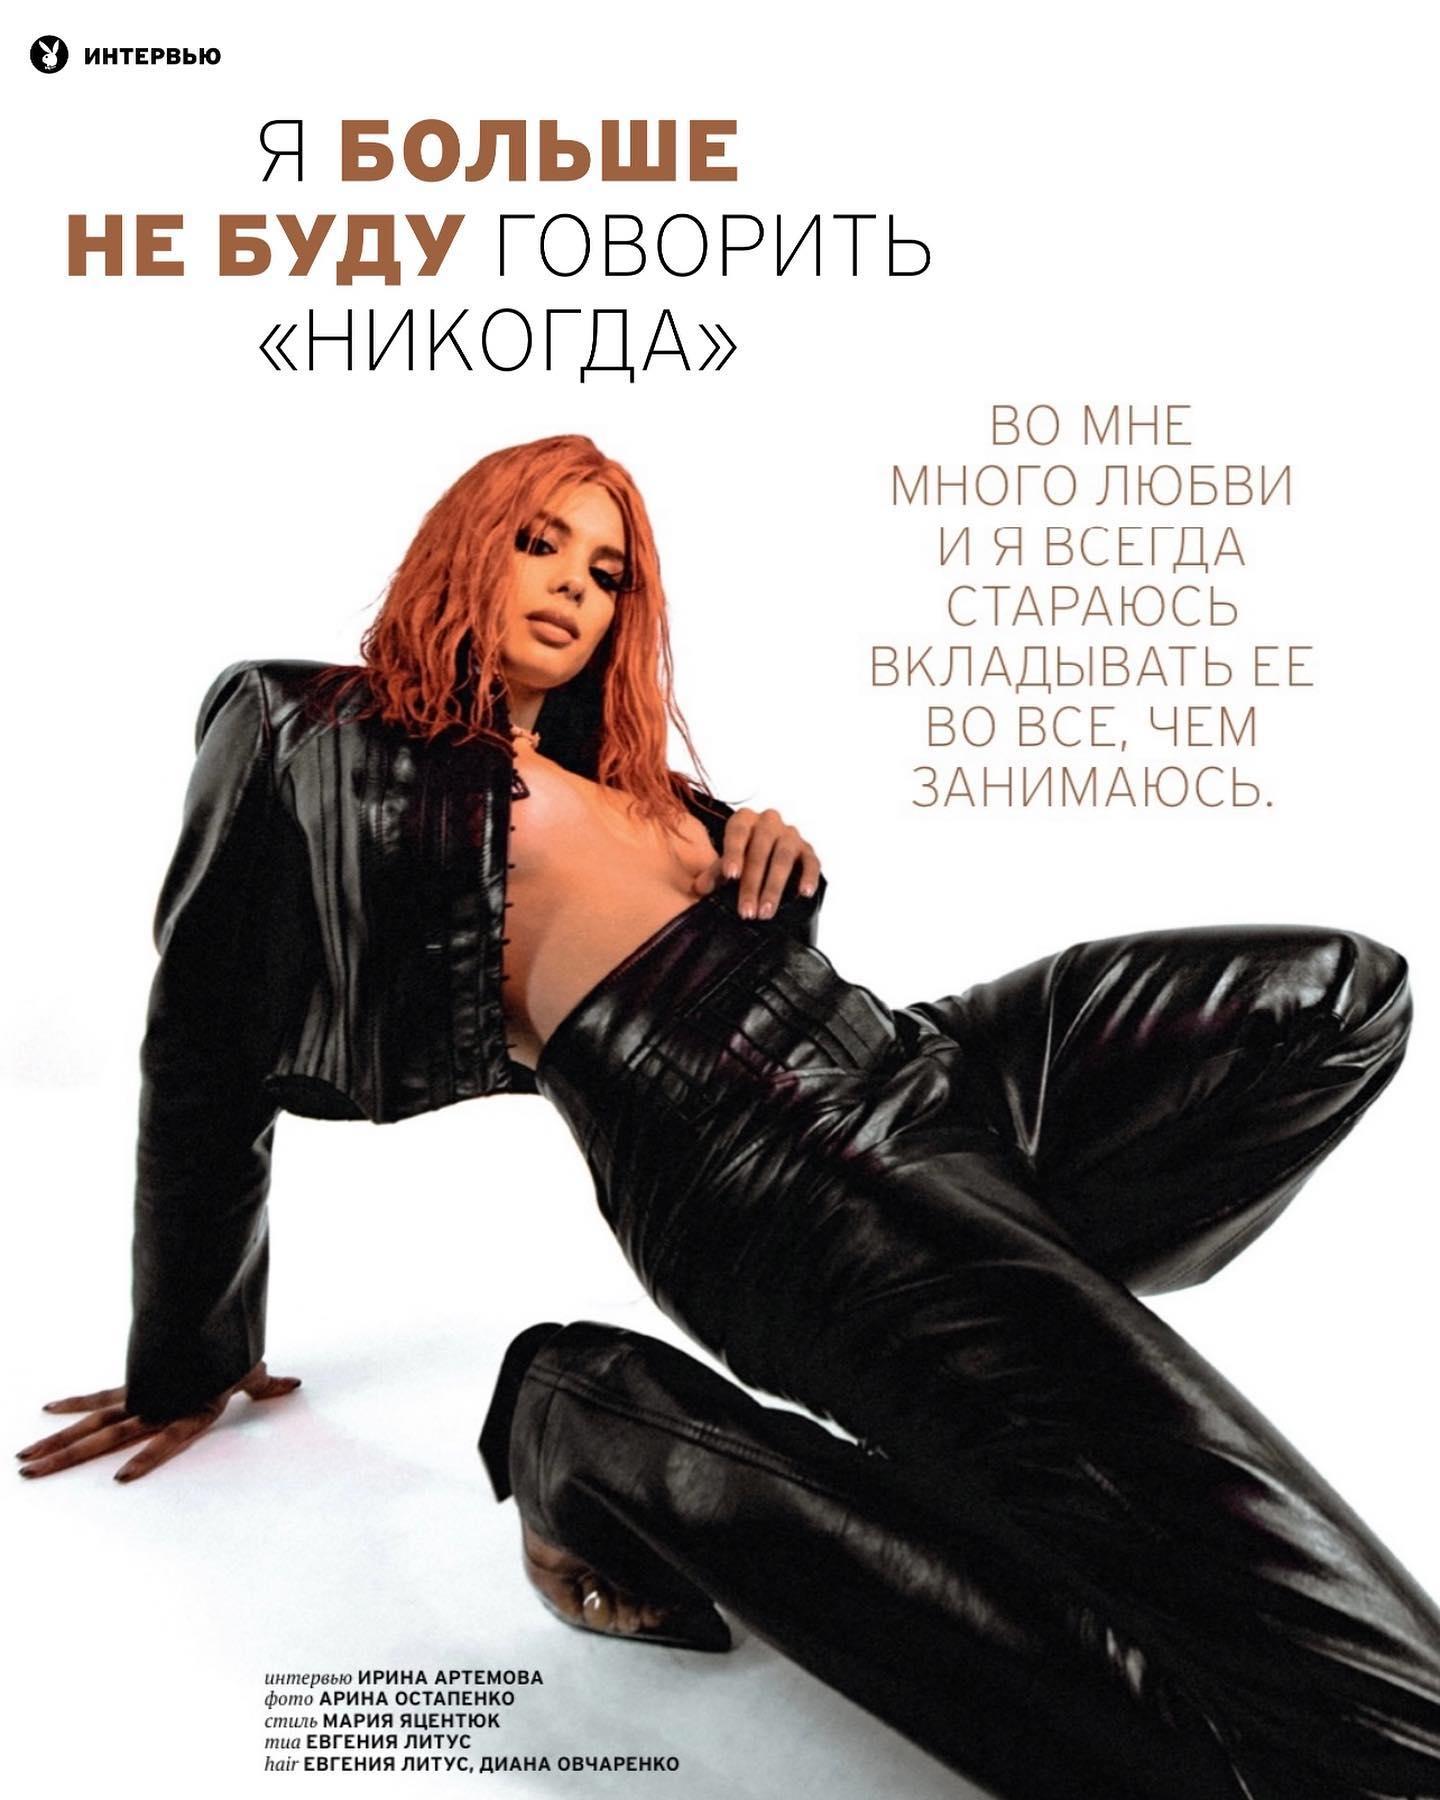 мишель андраде Playboy